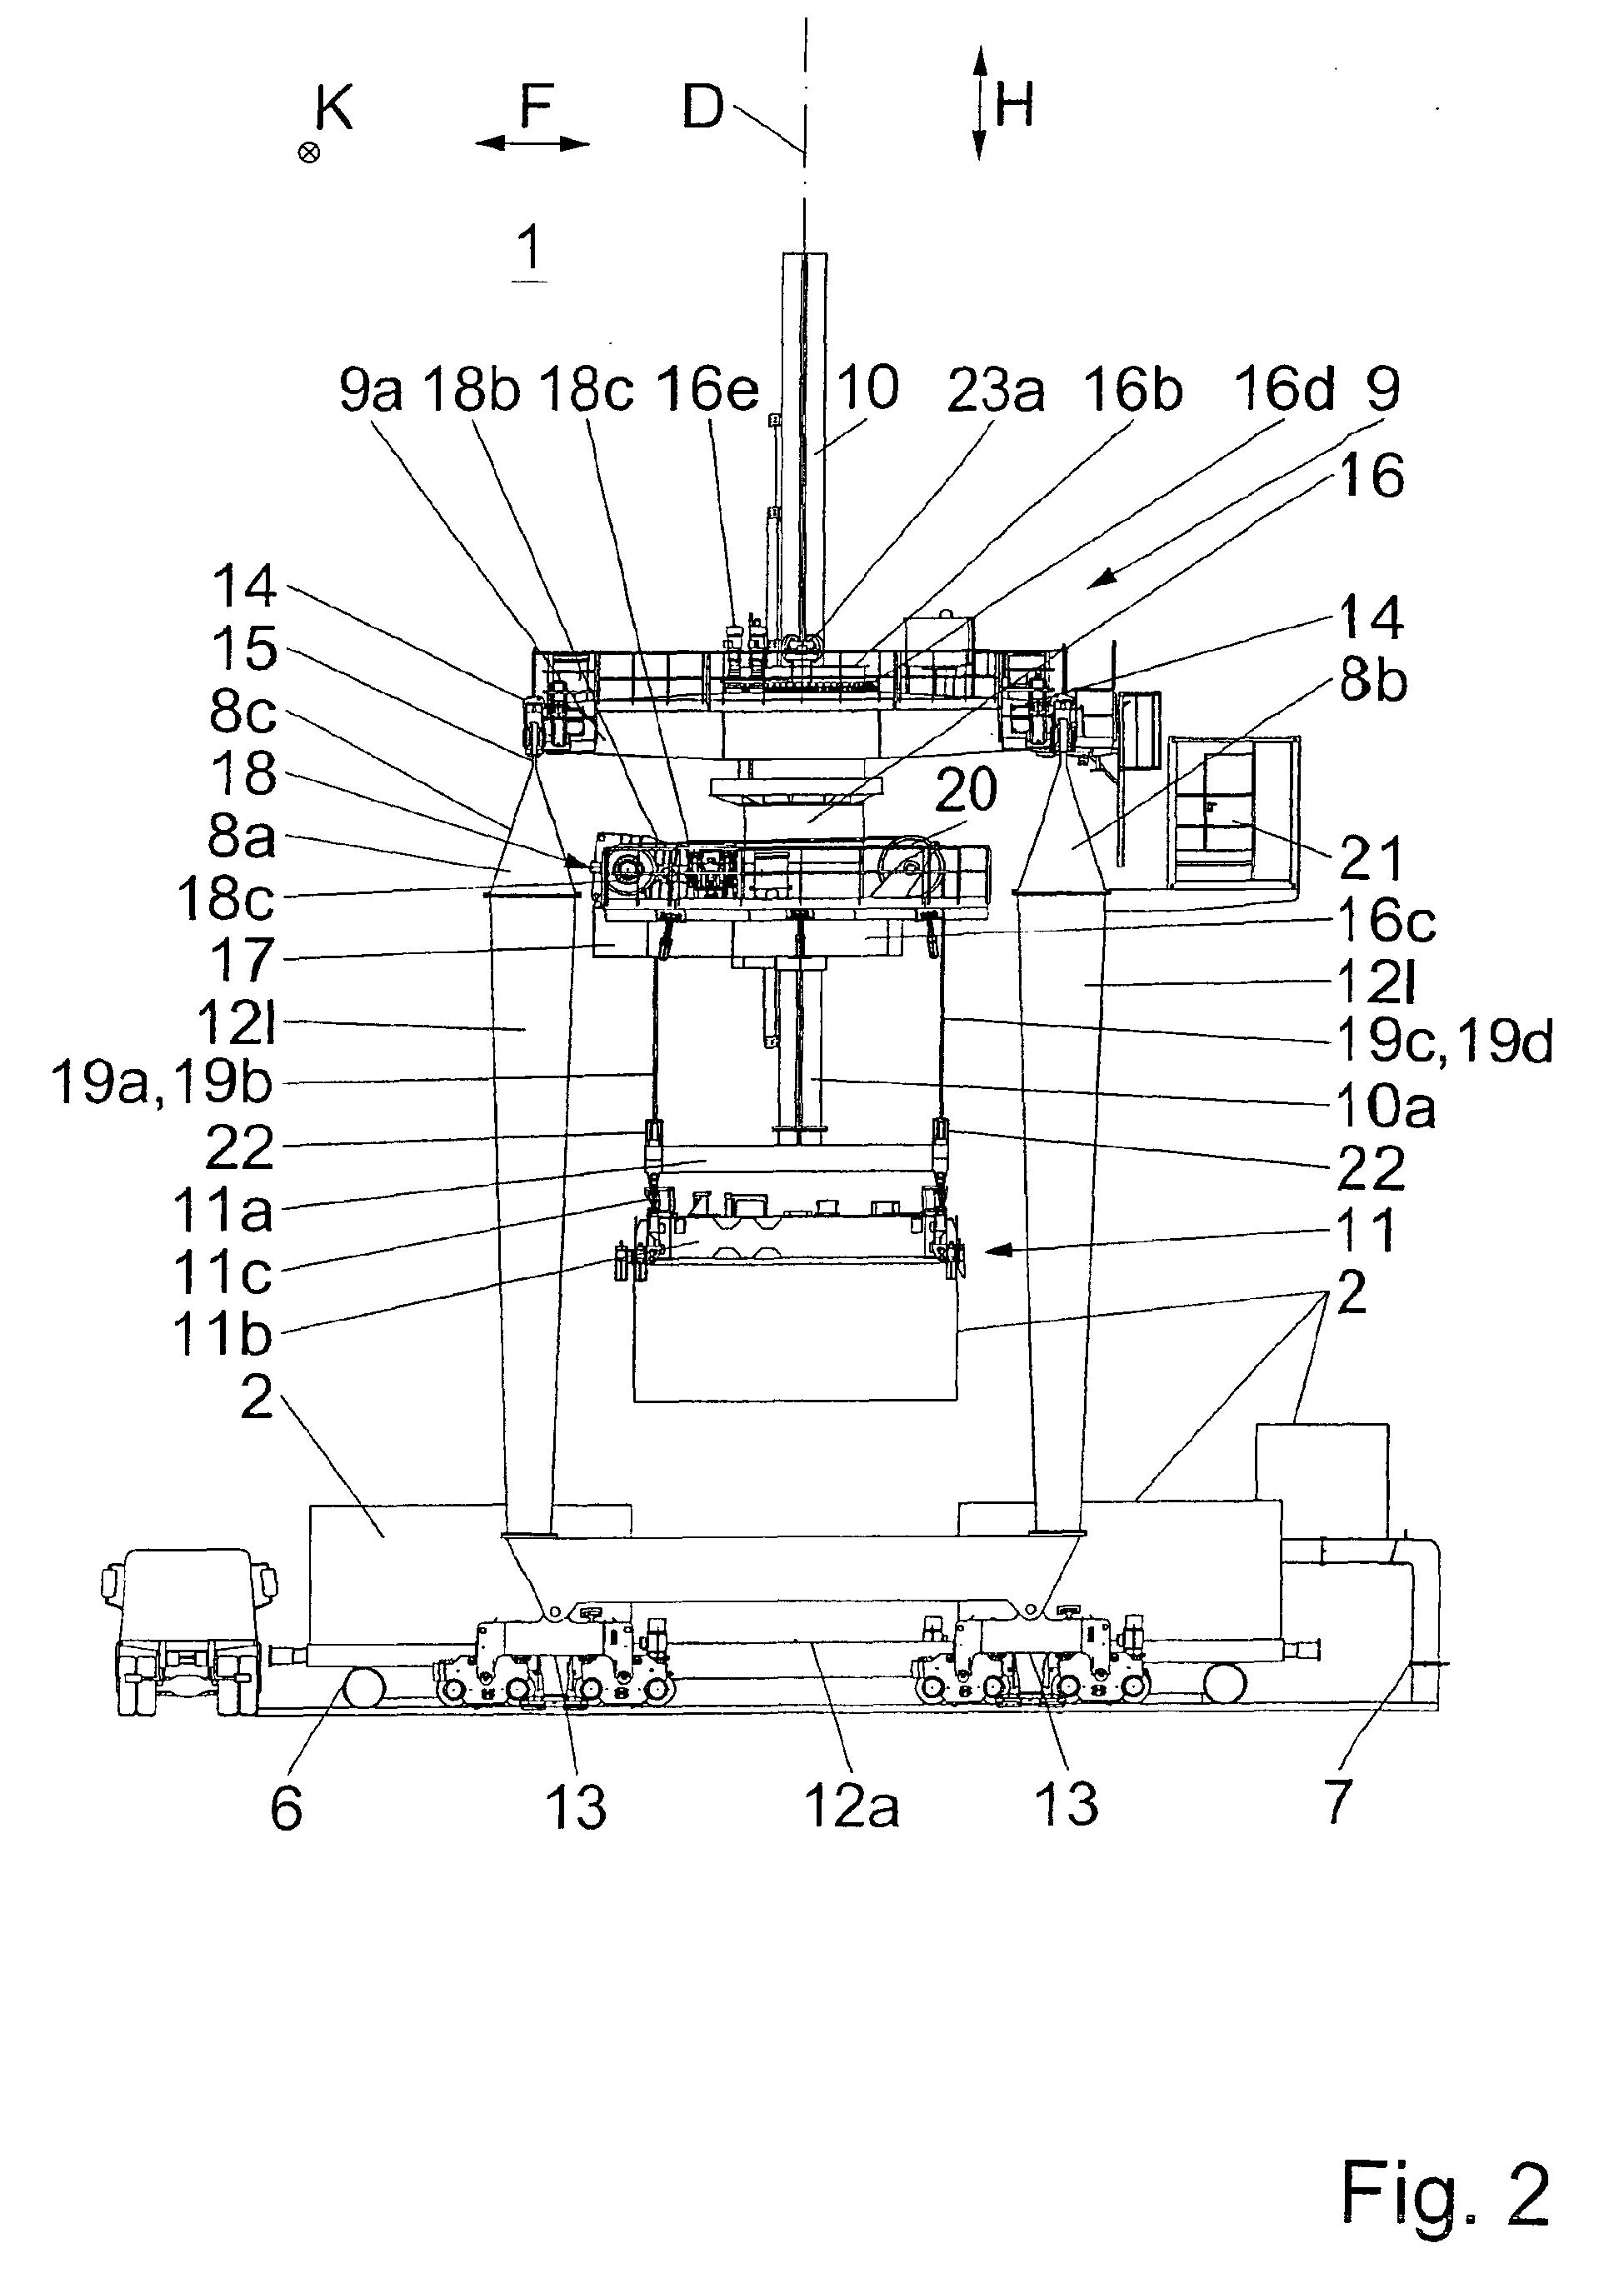 Drawings Of Overhead Gantry Cranes | Wiring Diagram Database